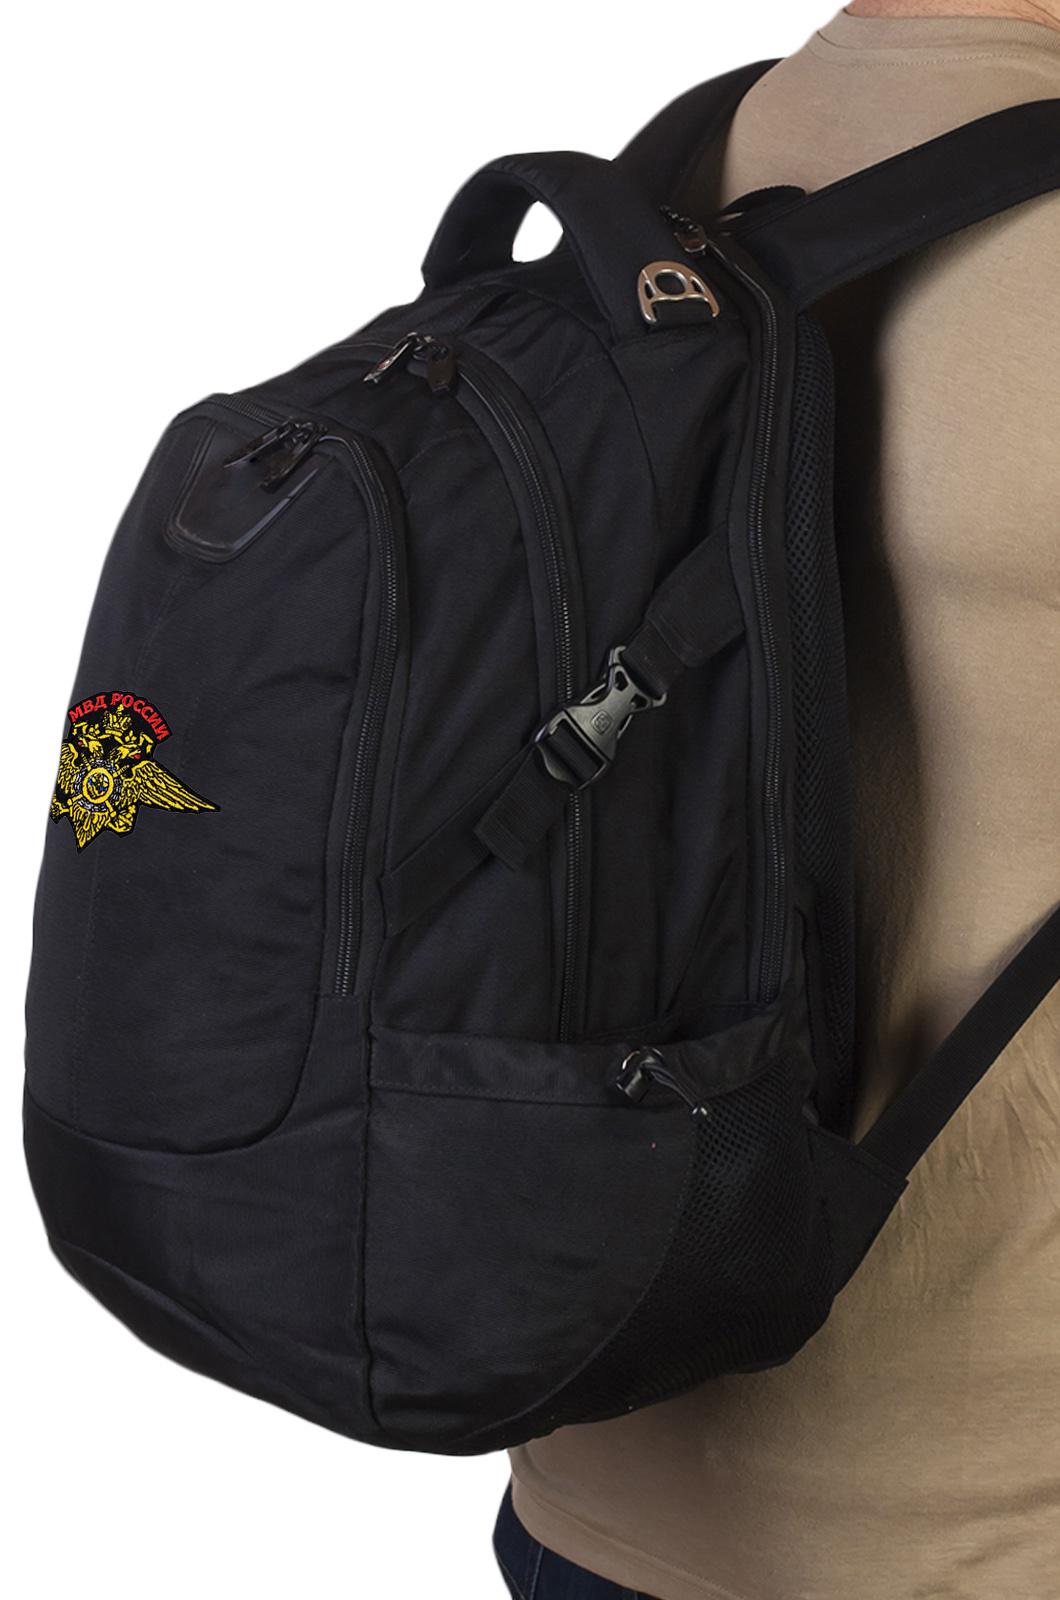 Надежный городской рюкзак с эмблемой МВД купить в подарок